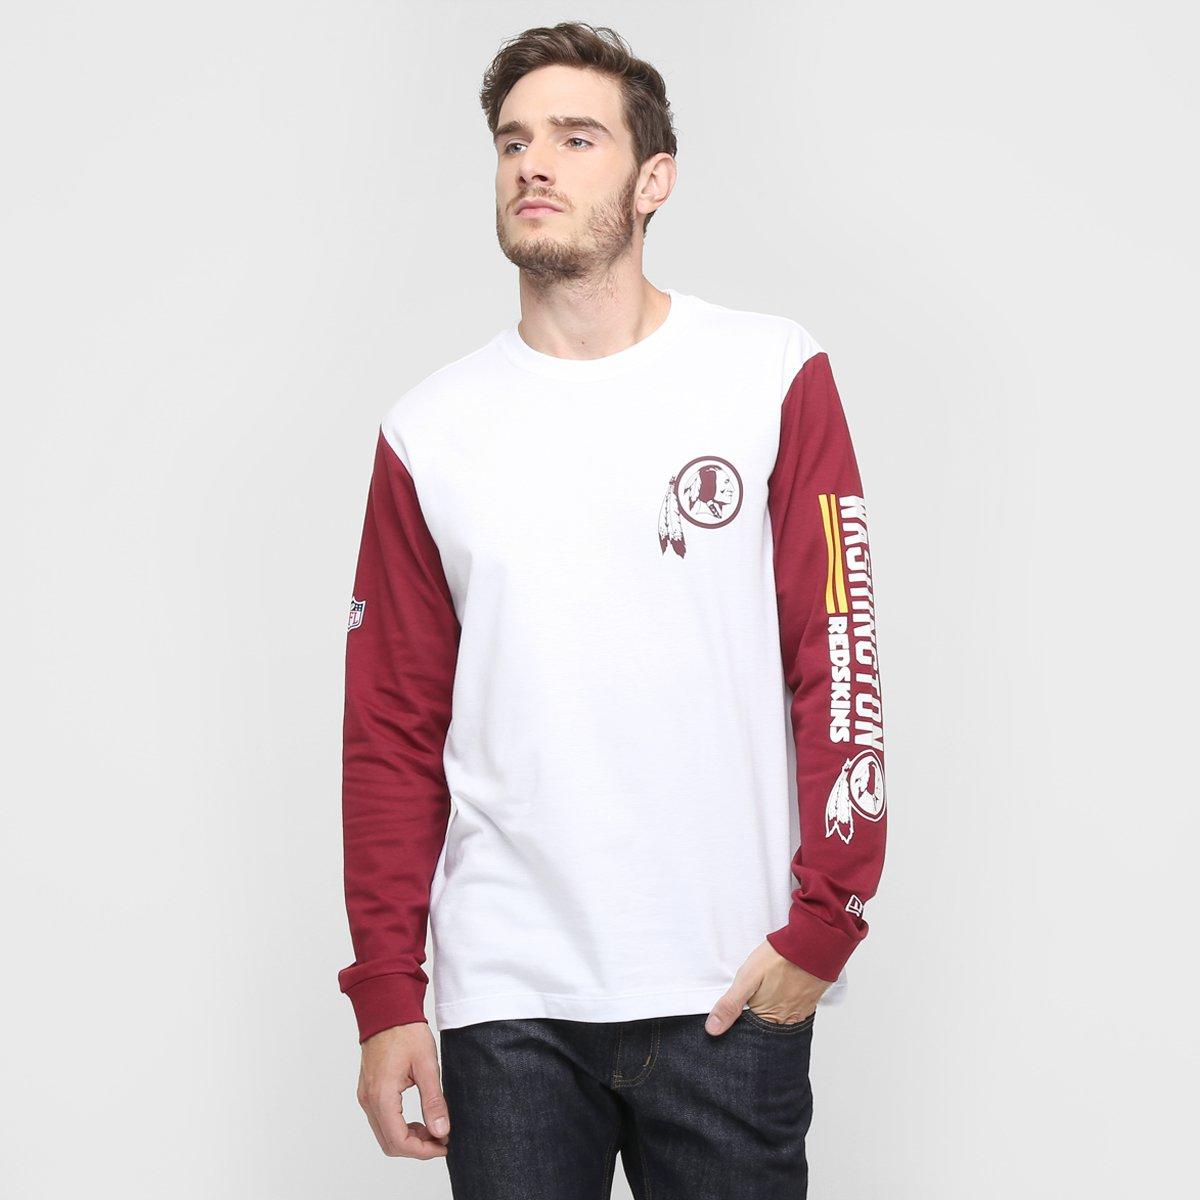 62e33839d Camiseta New Era NFL Bicolor Washington Redskins M L - Compre Agora ...